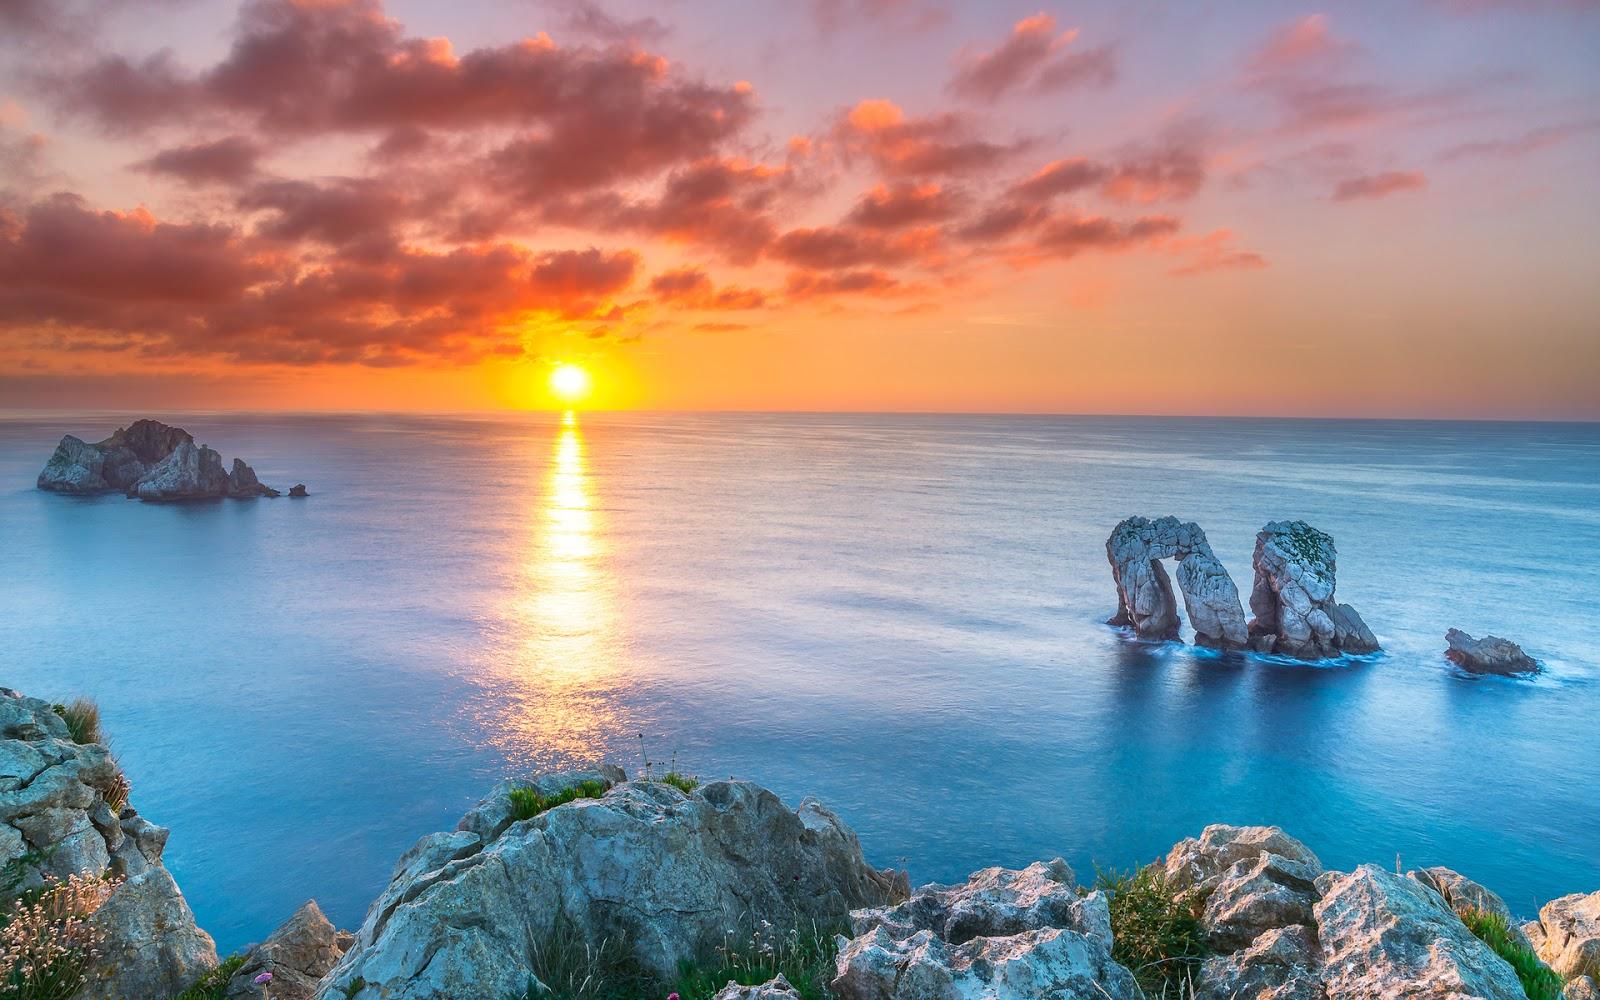 بالصور اجمل مناظر في العالم , سحر الطبيعة الخلابة 3467